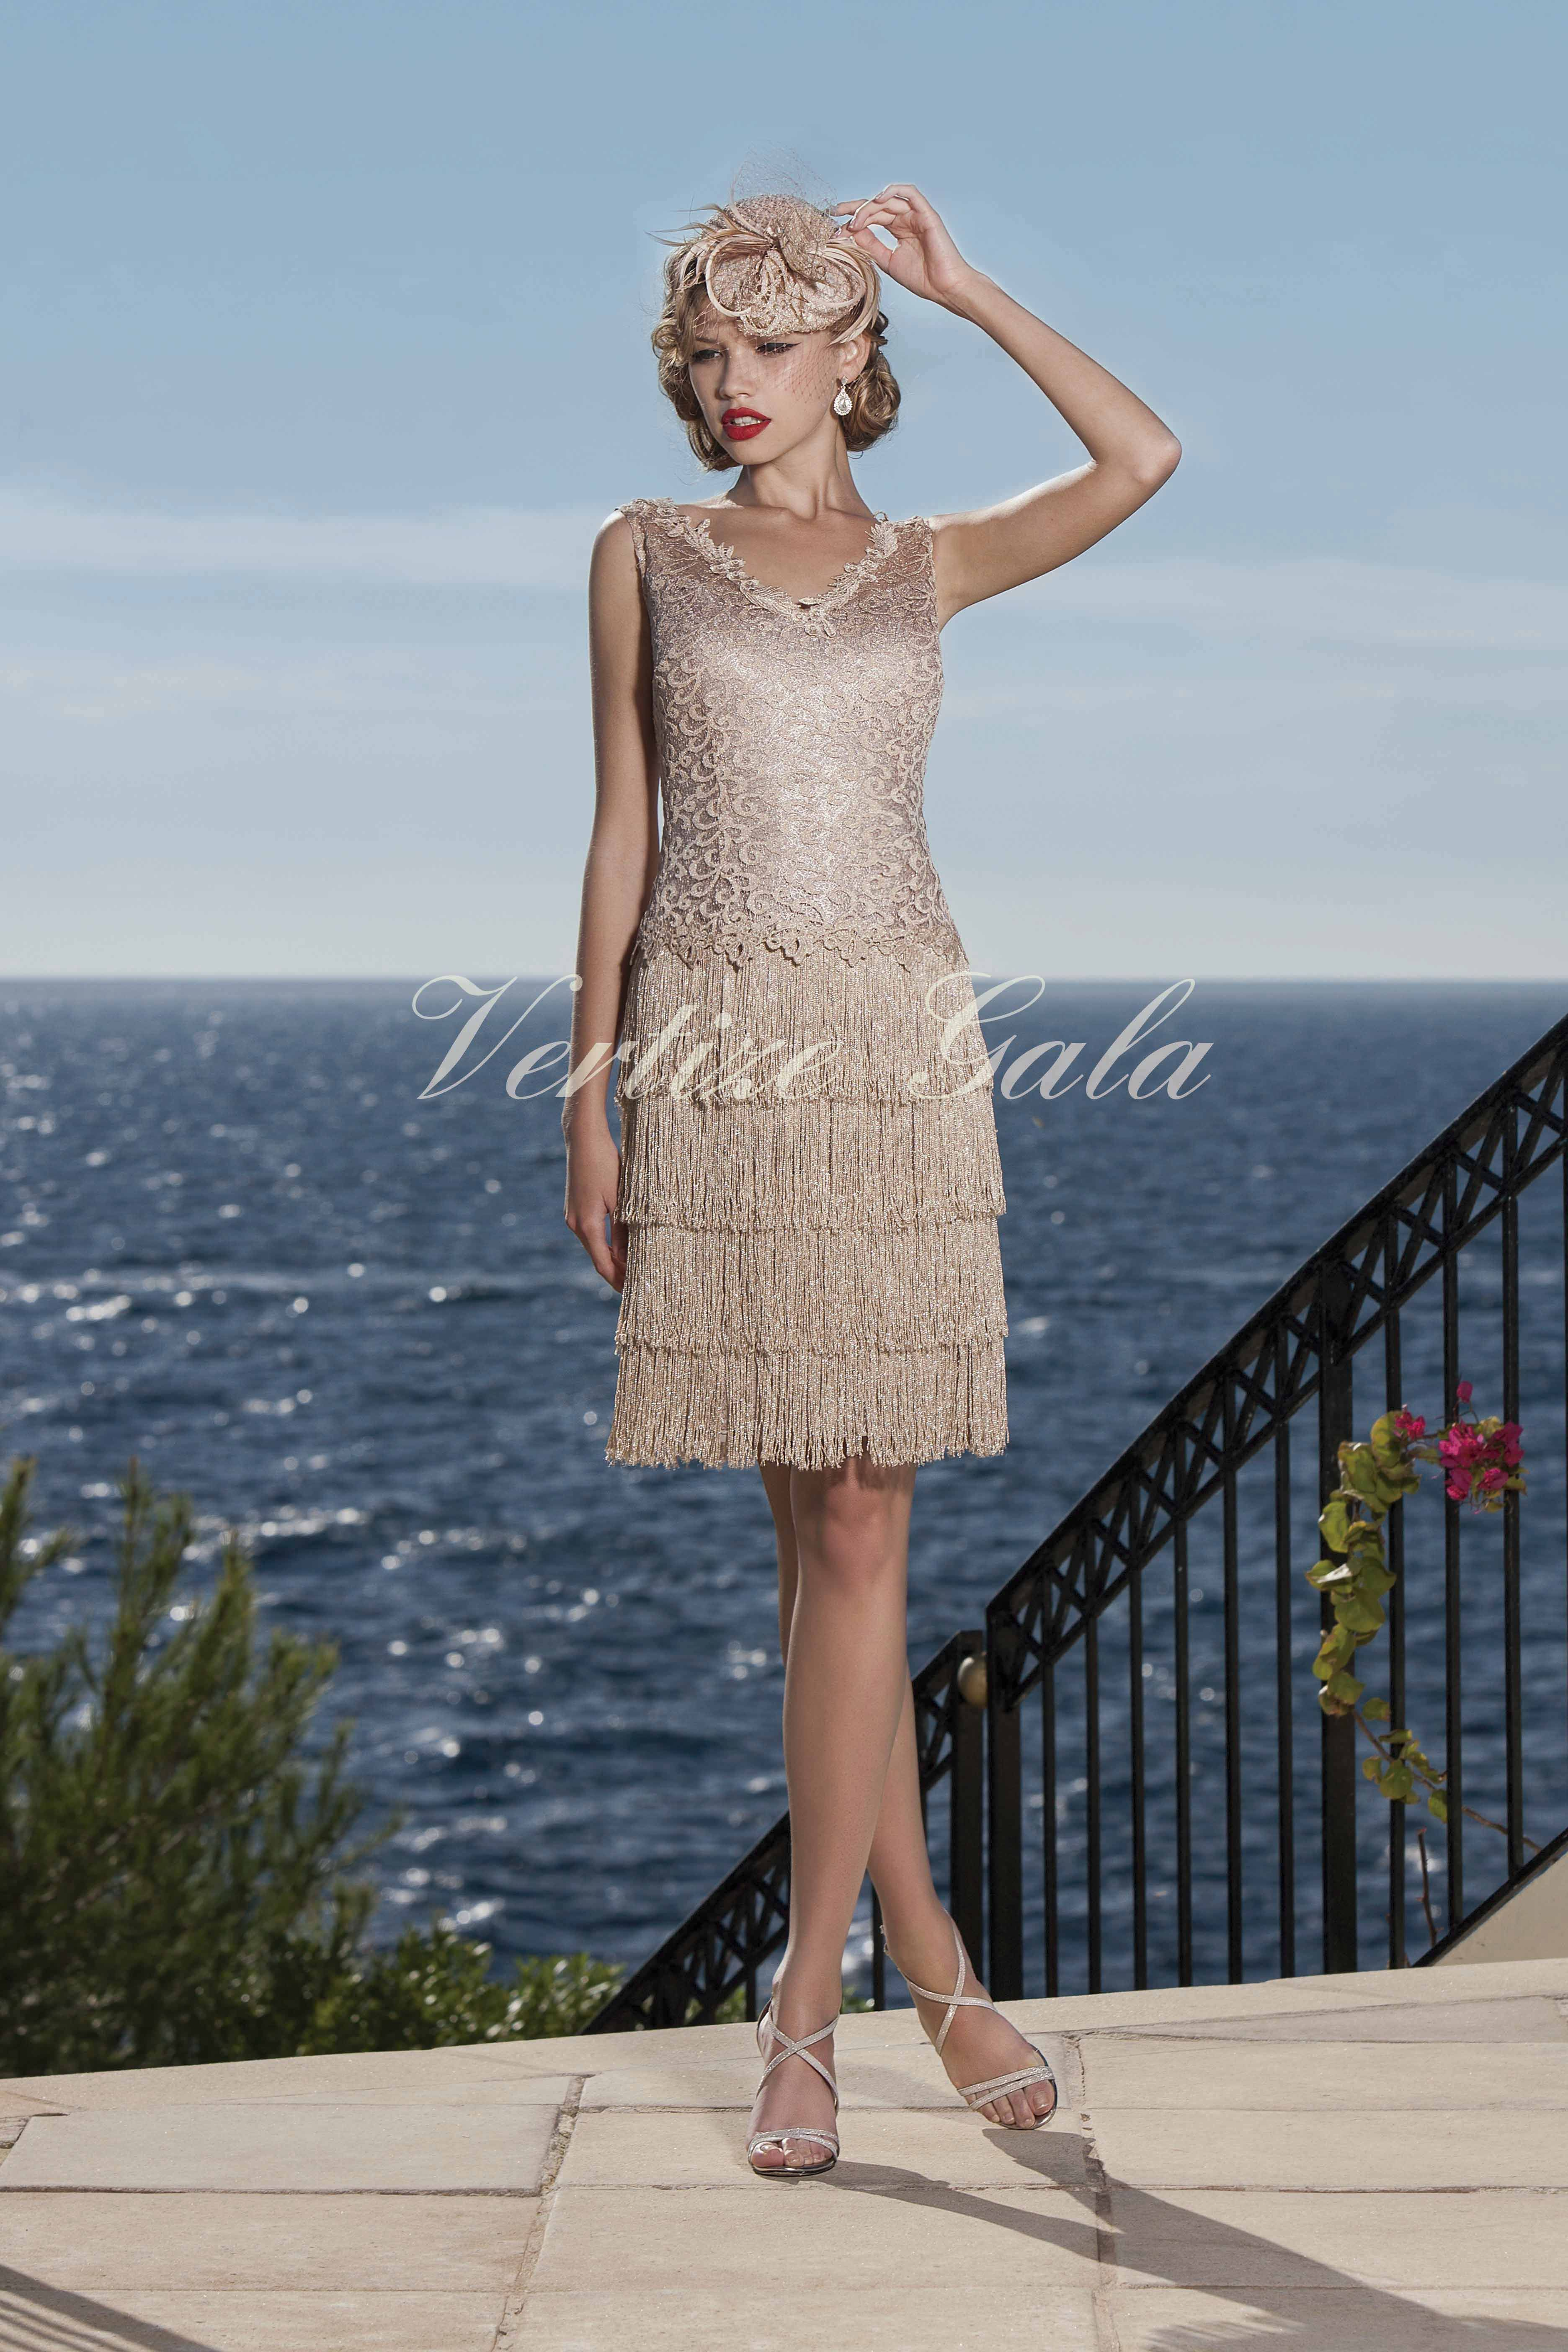 Vertize gala vestidos de fiesta cortos